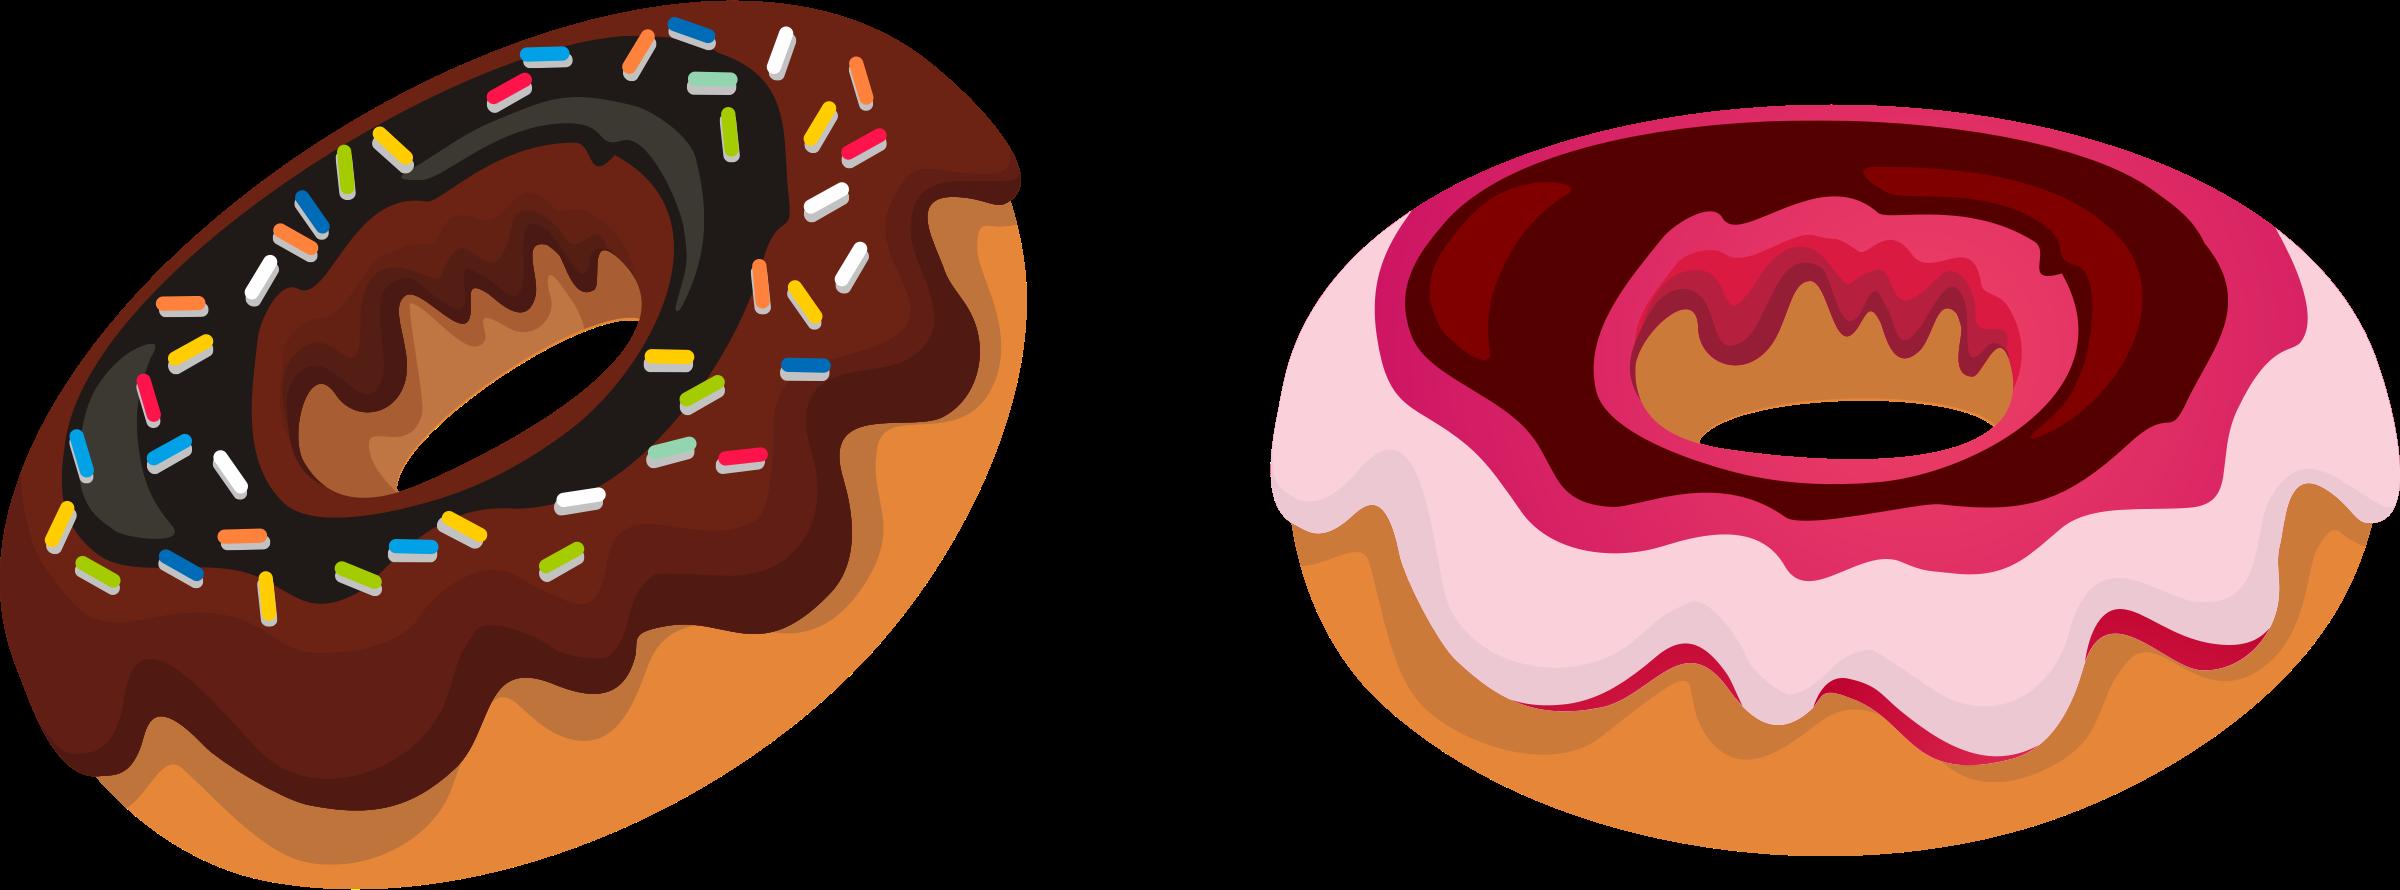 Clip Art Donut Clipart donut clip art free clipart images gclipart com tumundografico